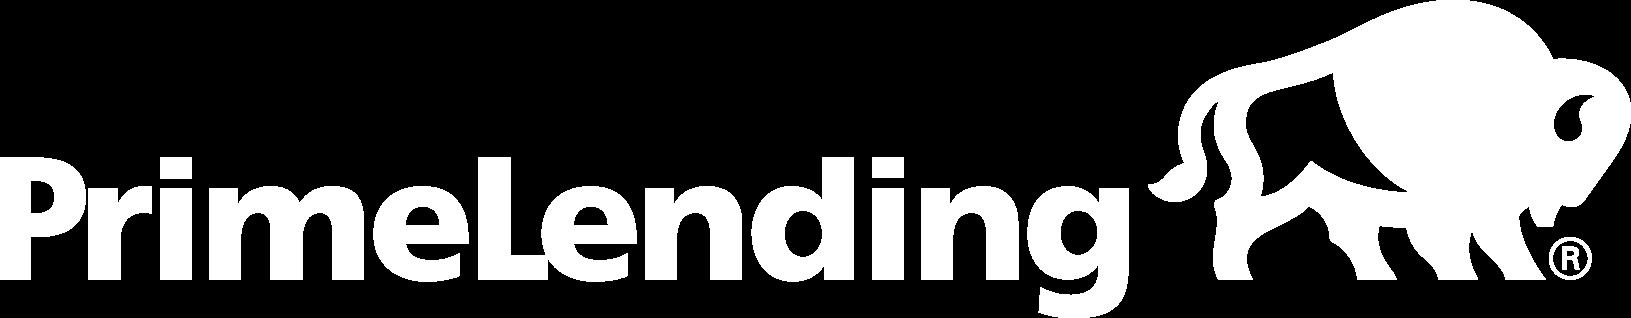 PrimeLending